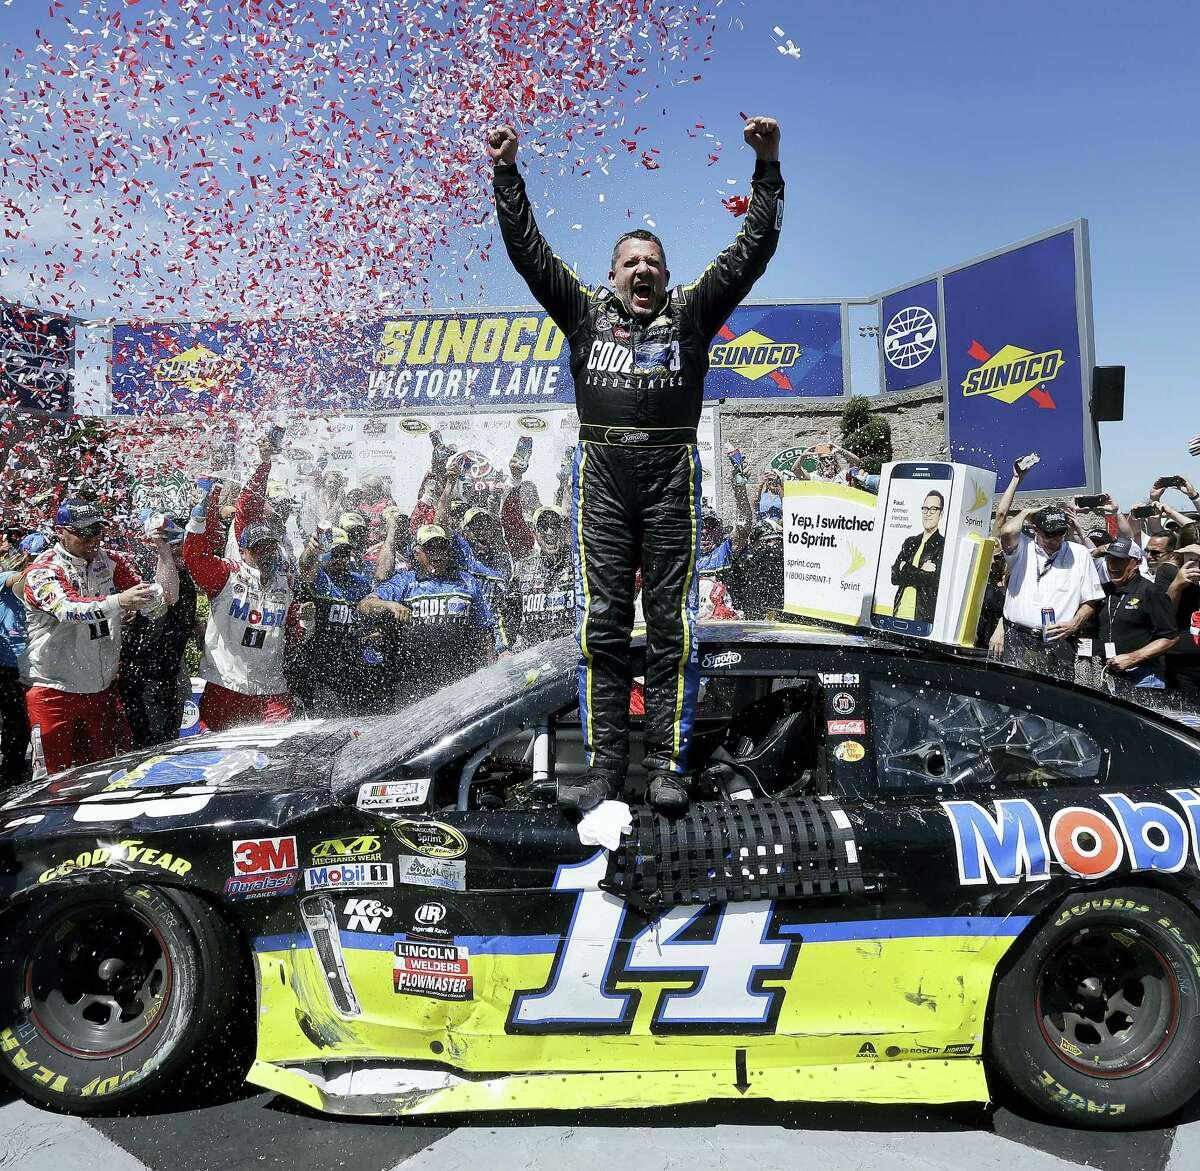 Tony Stewart celebrates after winning Sunday in Sonoma, Calif.